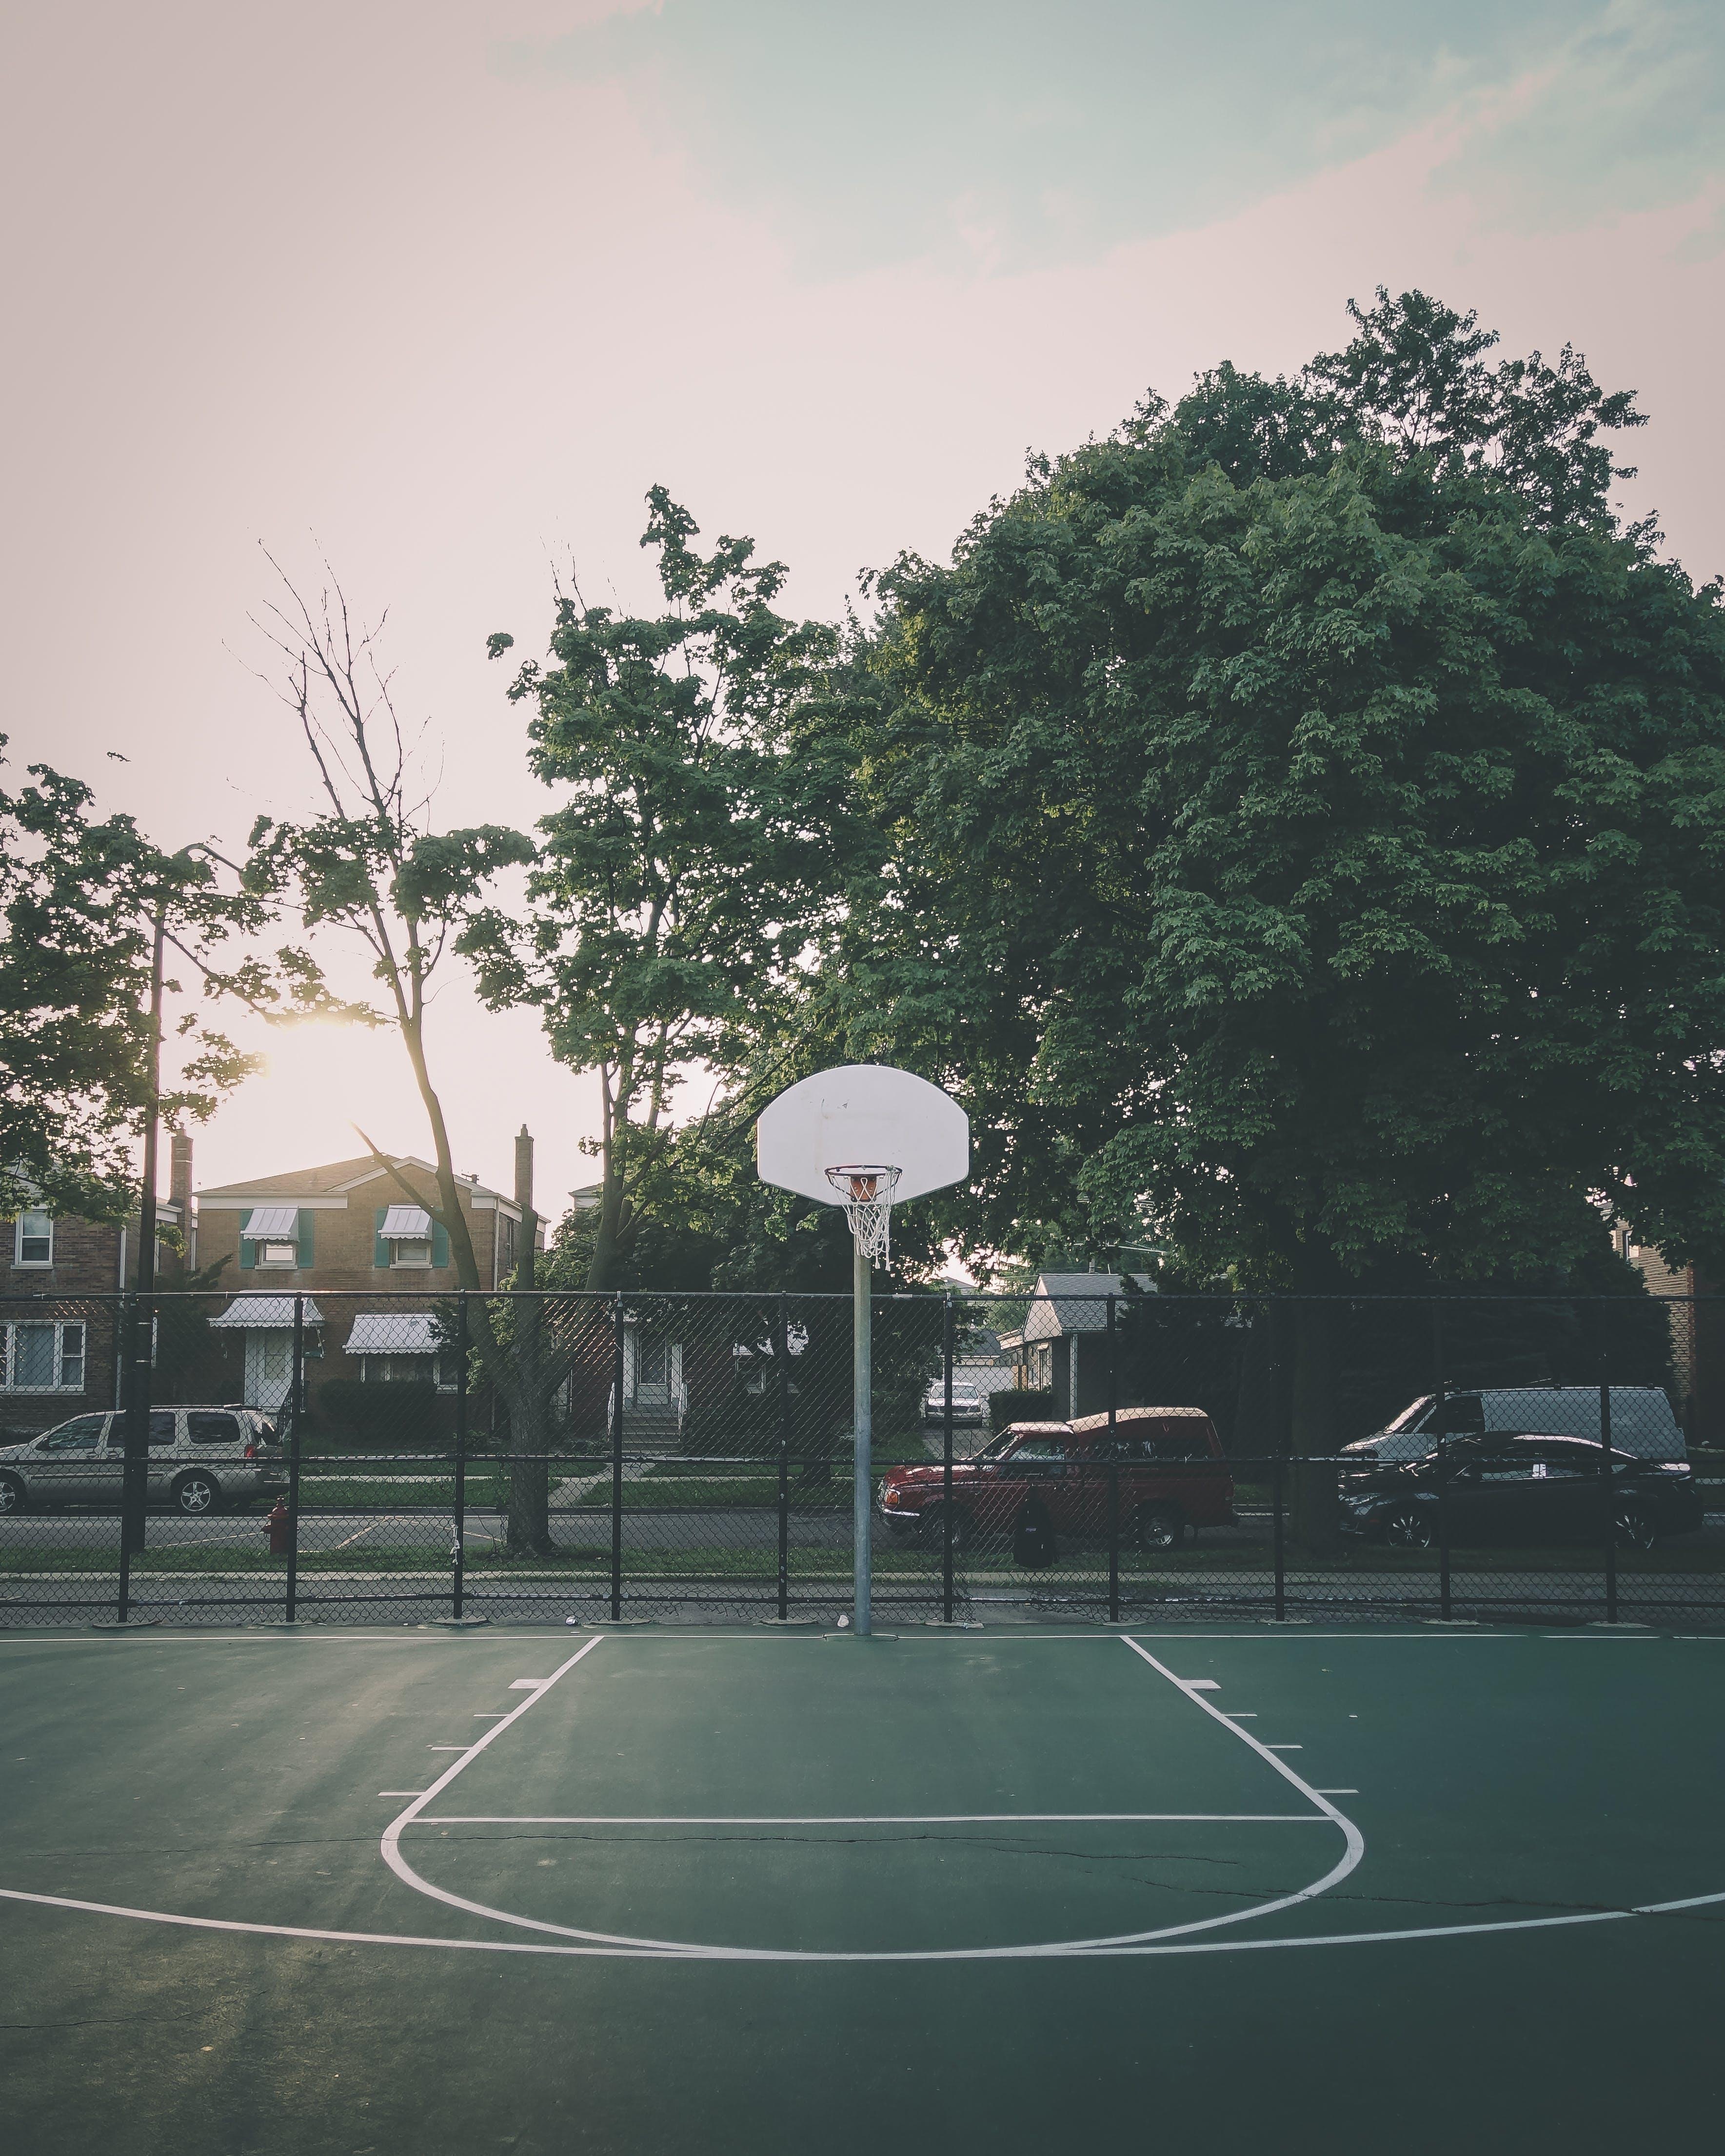 Безкоштовне стокове фото на тему «баскетбольний майданчик, корт»